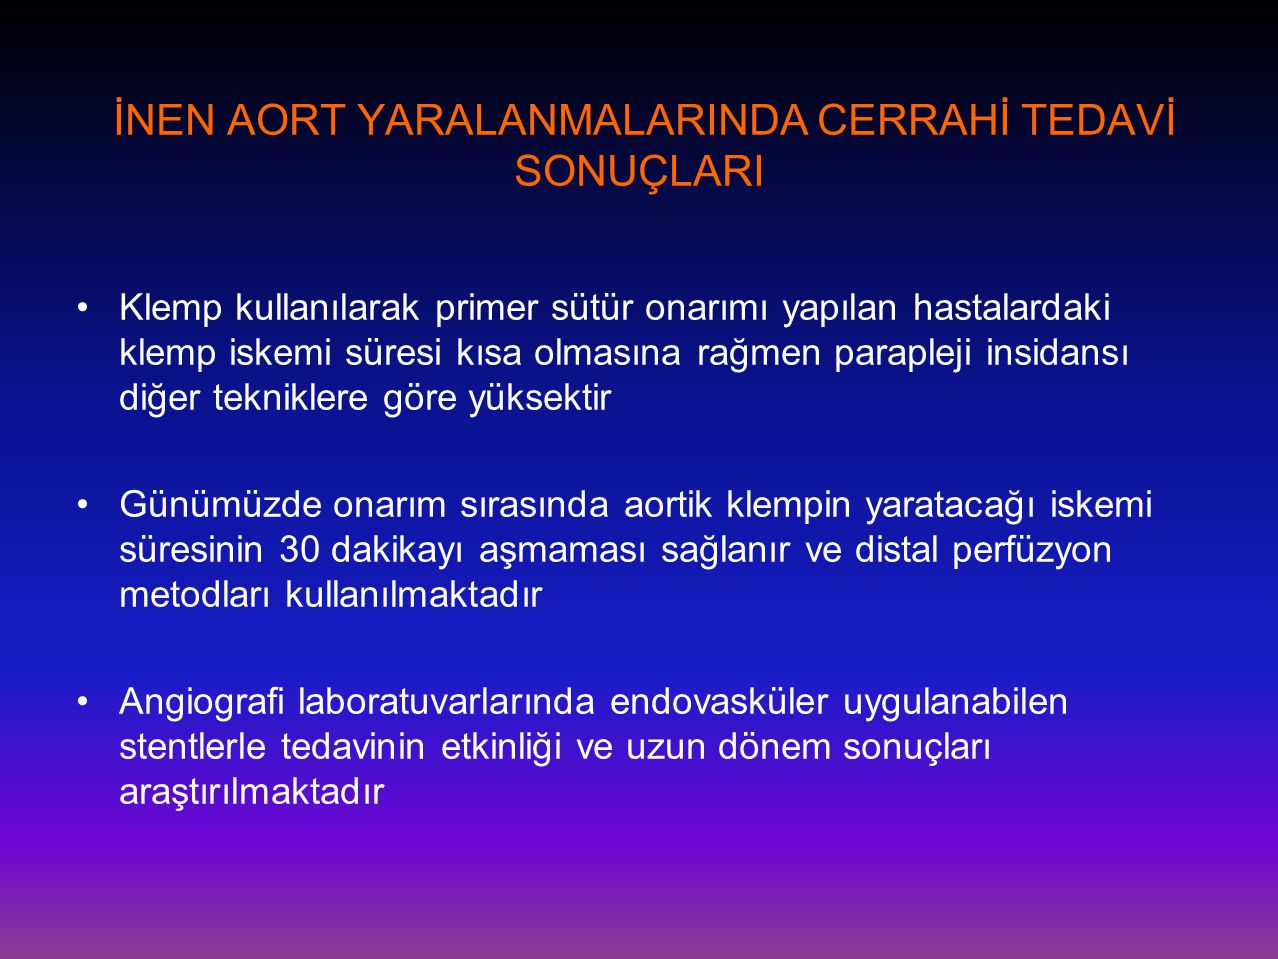 İNEN AORT YARALANMALARINDA CERRAHİ TEDAVİ SONUÇLARI